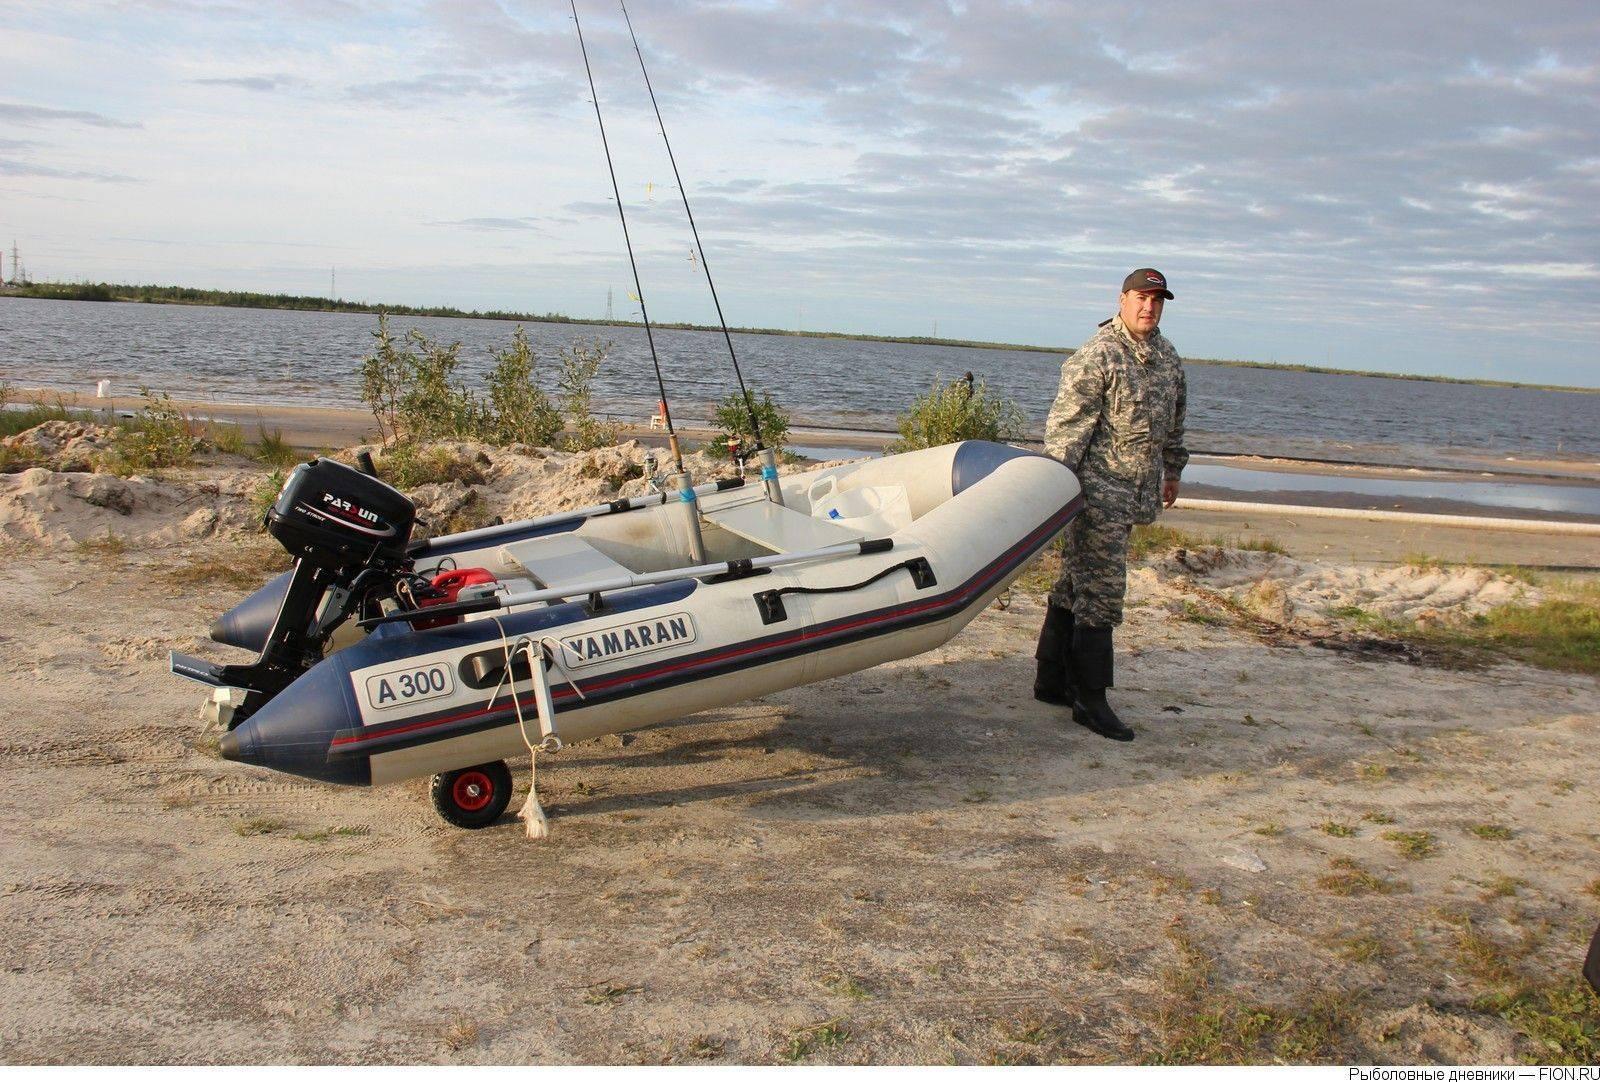 Колеса для лодки своими руками — транцевые модели и советы как их сделать своими руками (видео + 115 фото)